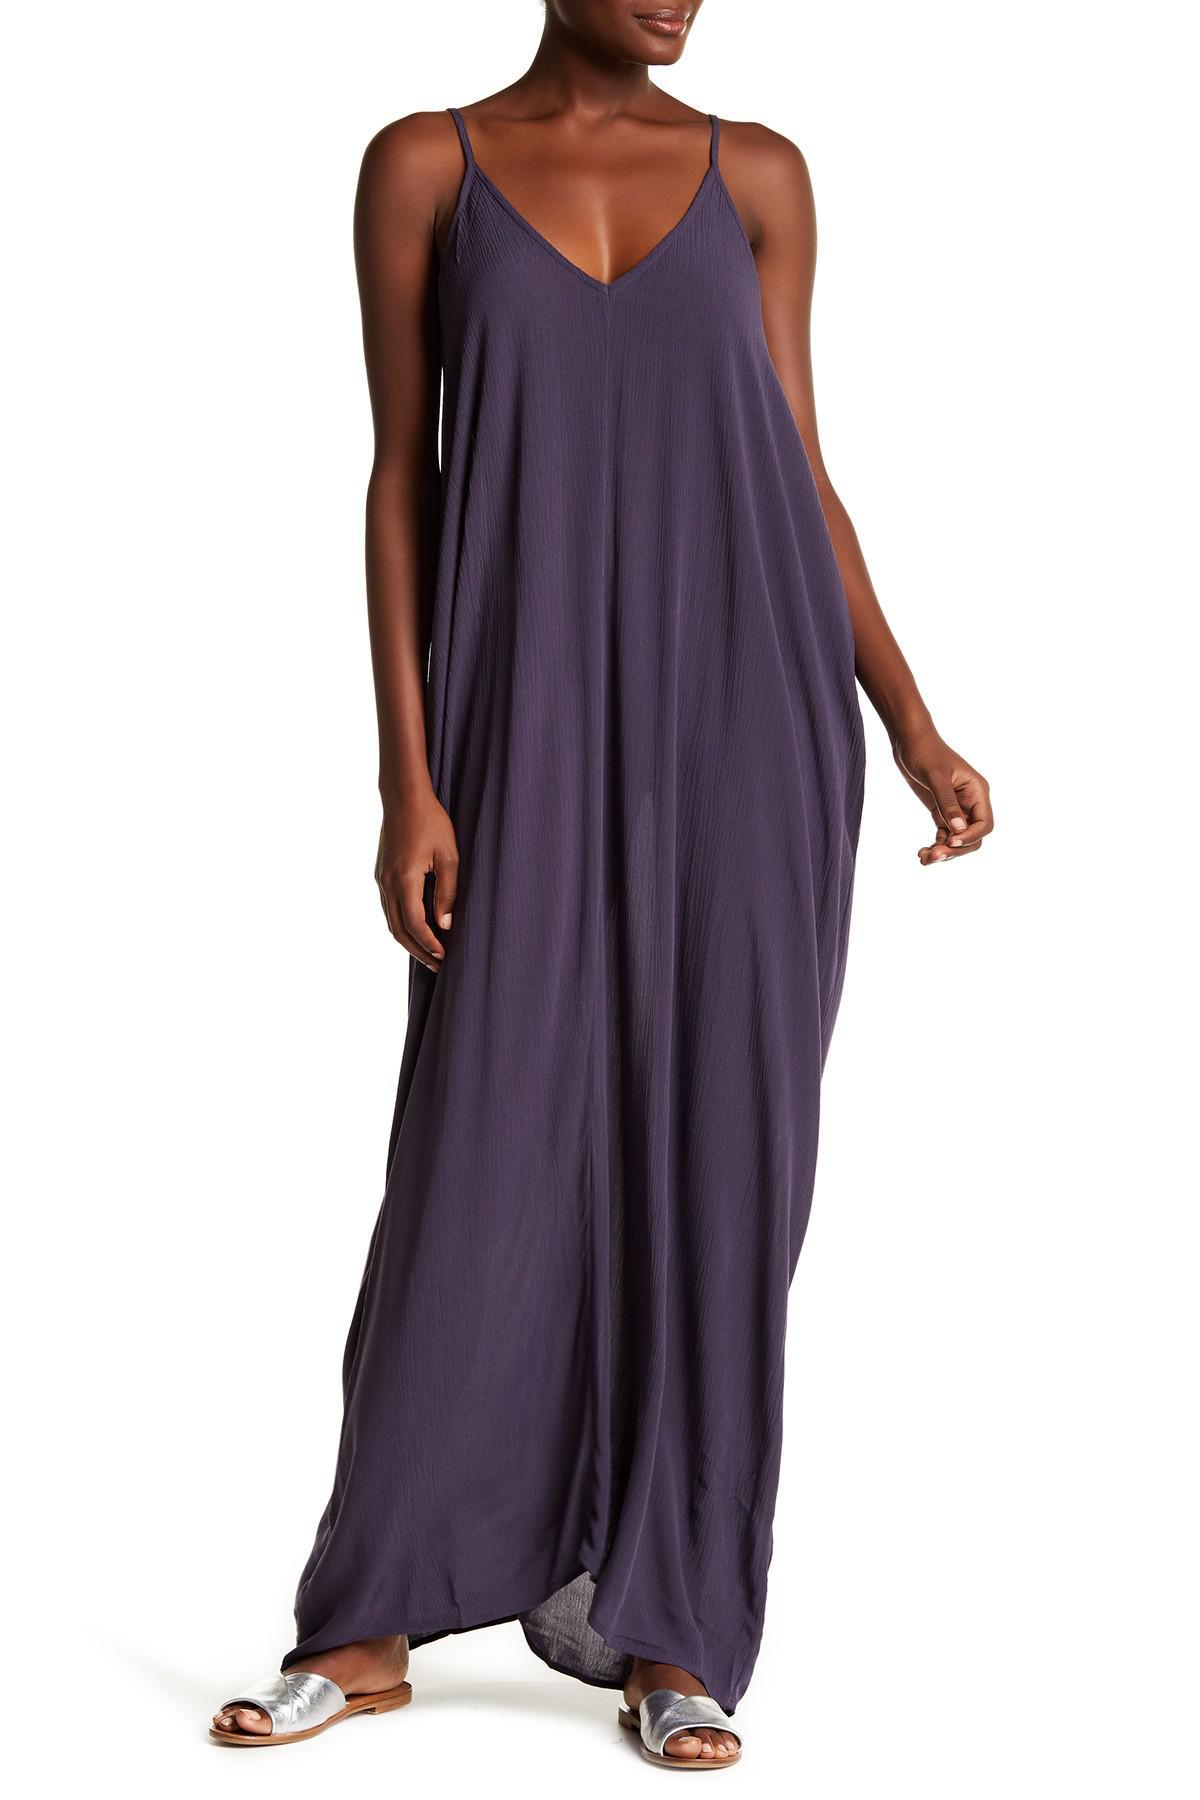 ed3af7c26da Love Stitch V-neck Gauze Maxi Dress in Purple - Lyst